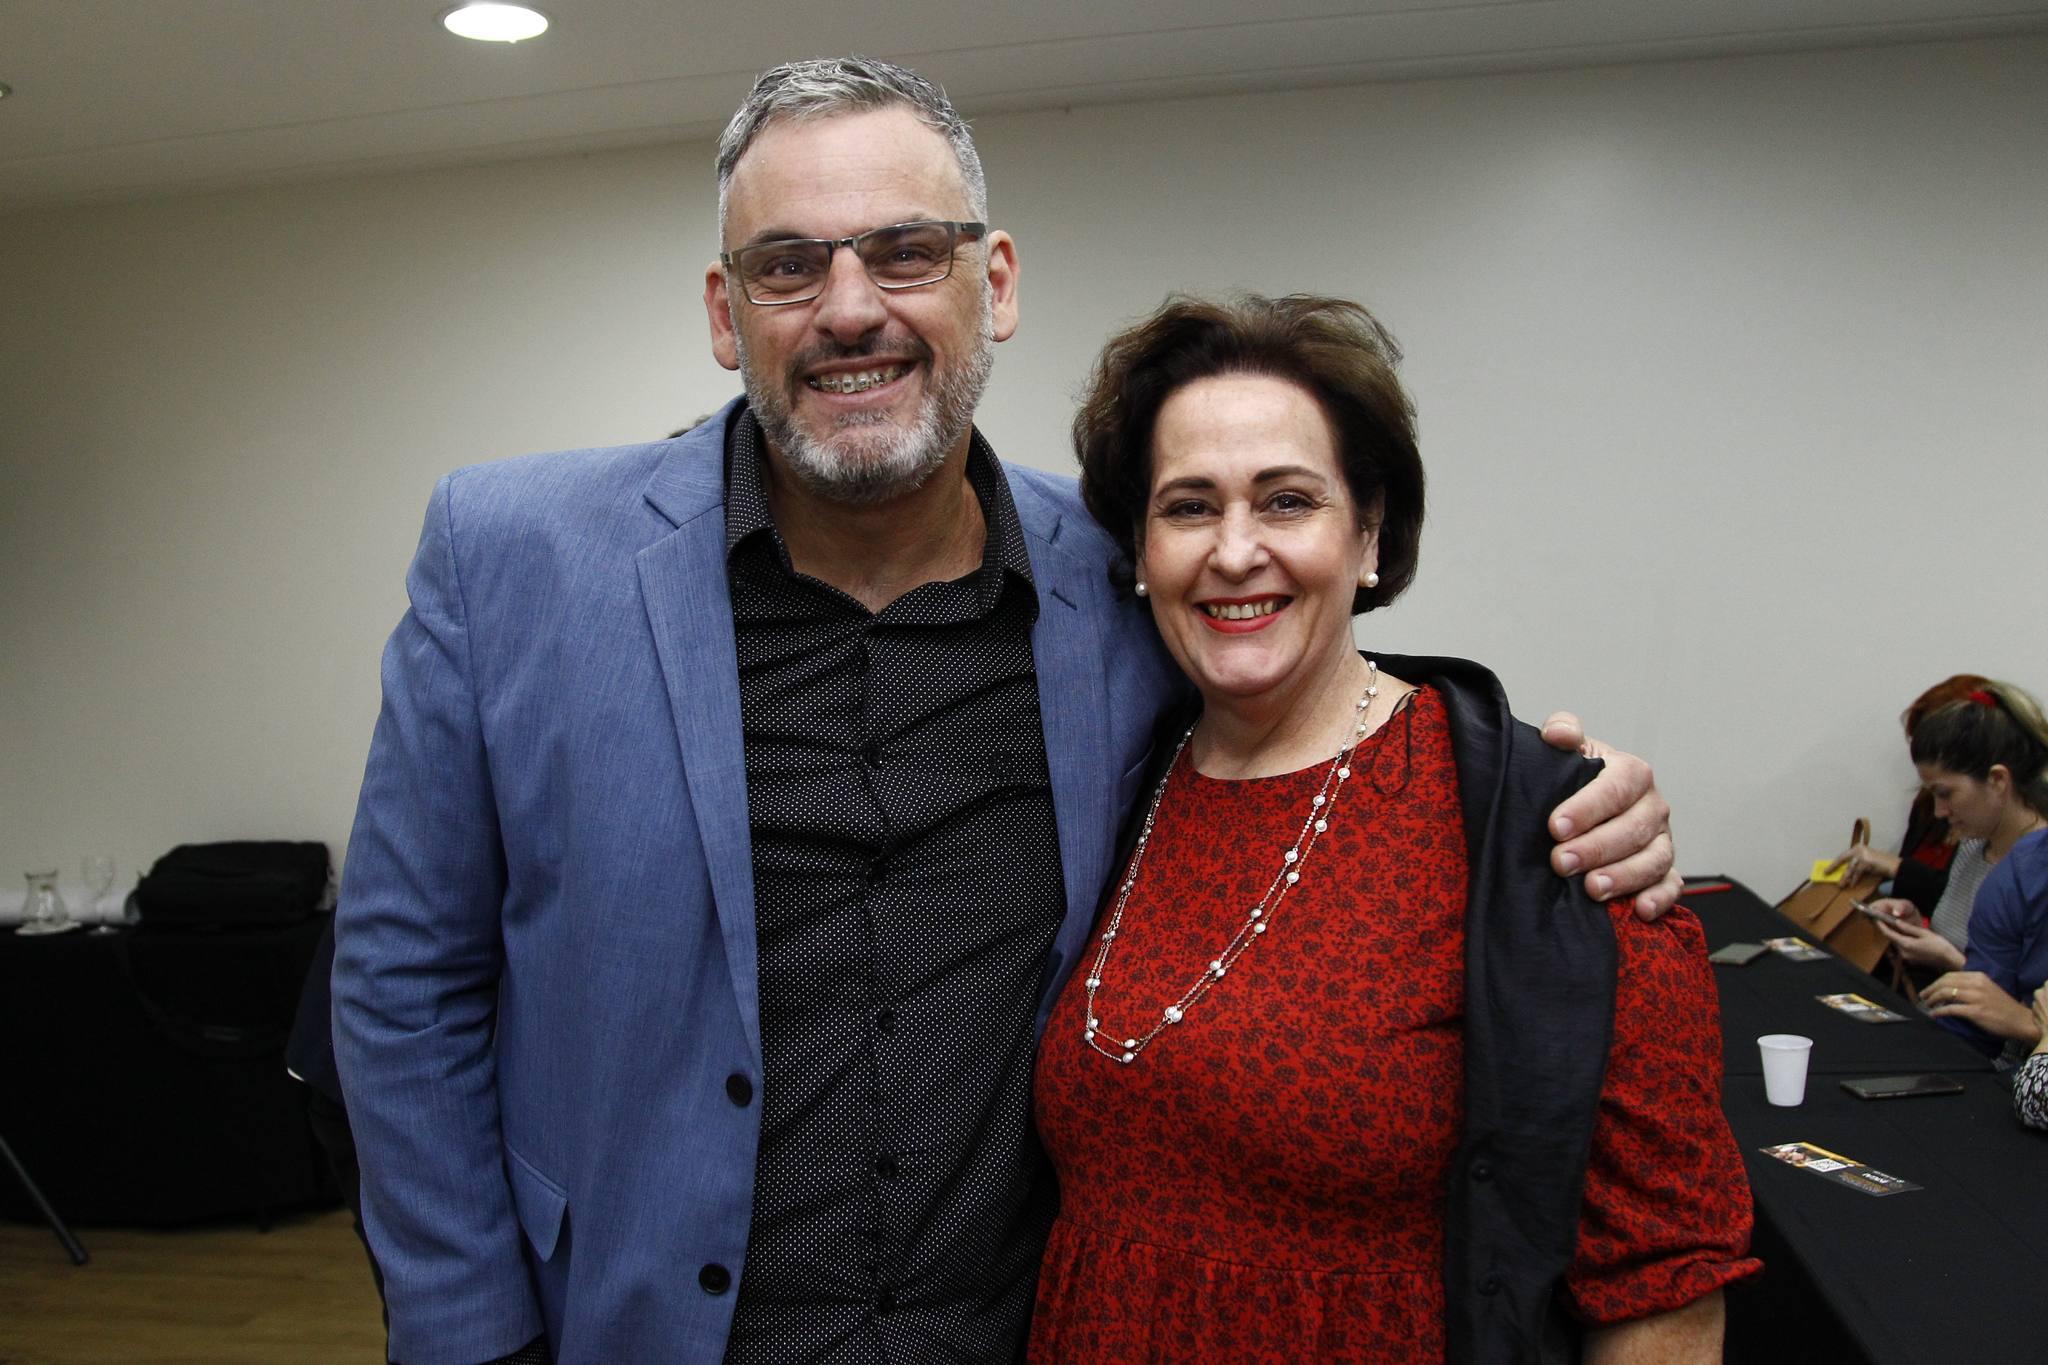 Eduardo Almeida E Gina Marinho